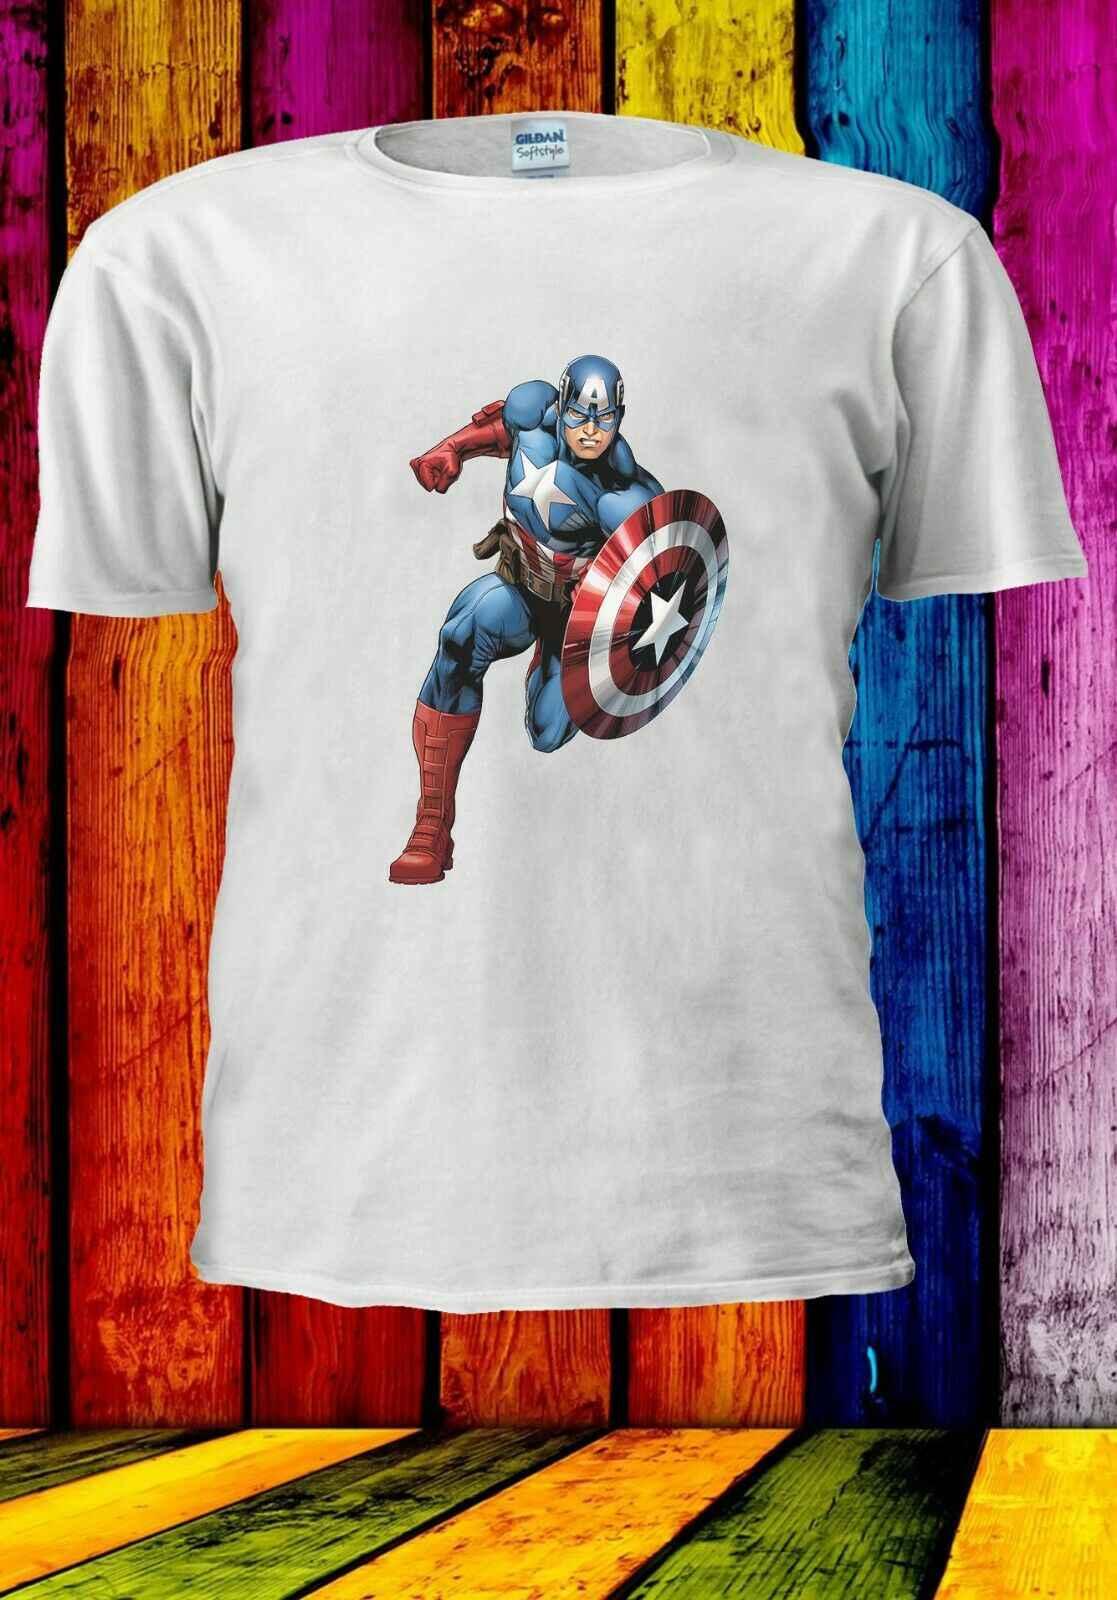 キャプテンアベンジャーズスティーブ · ロジャース男性女性ユニセックス Tシャツ 2863